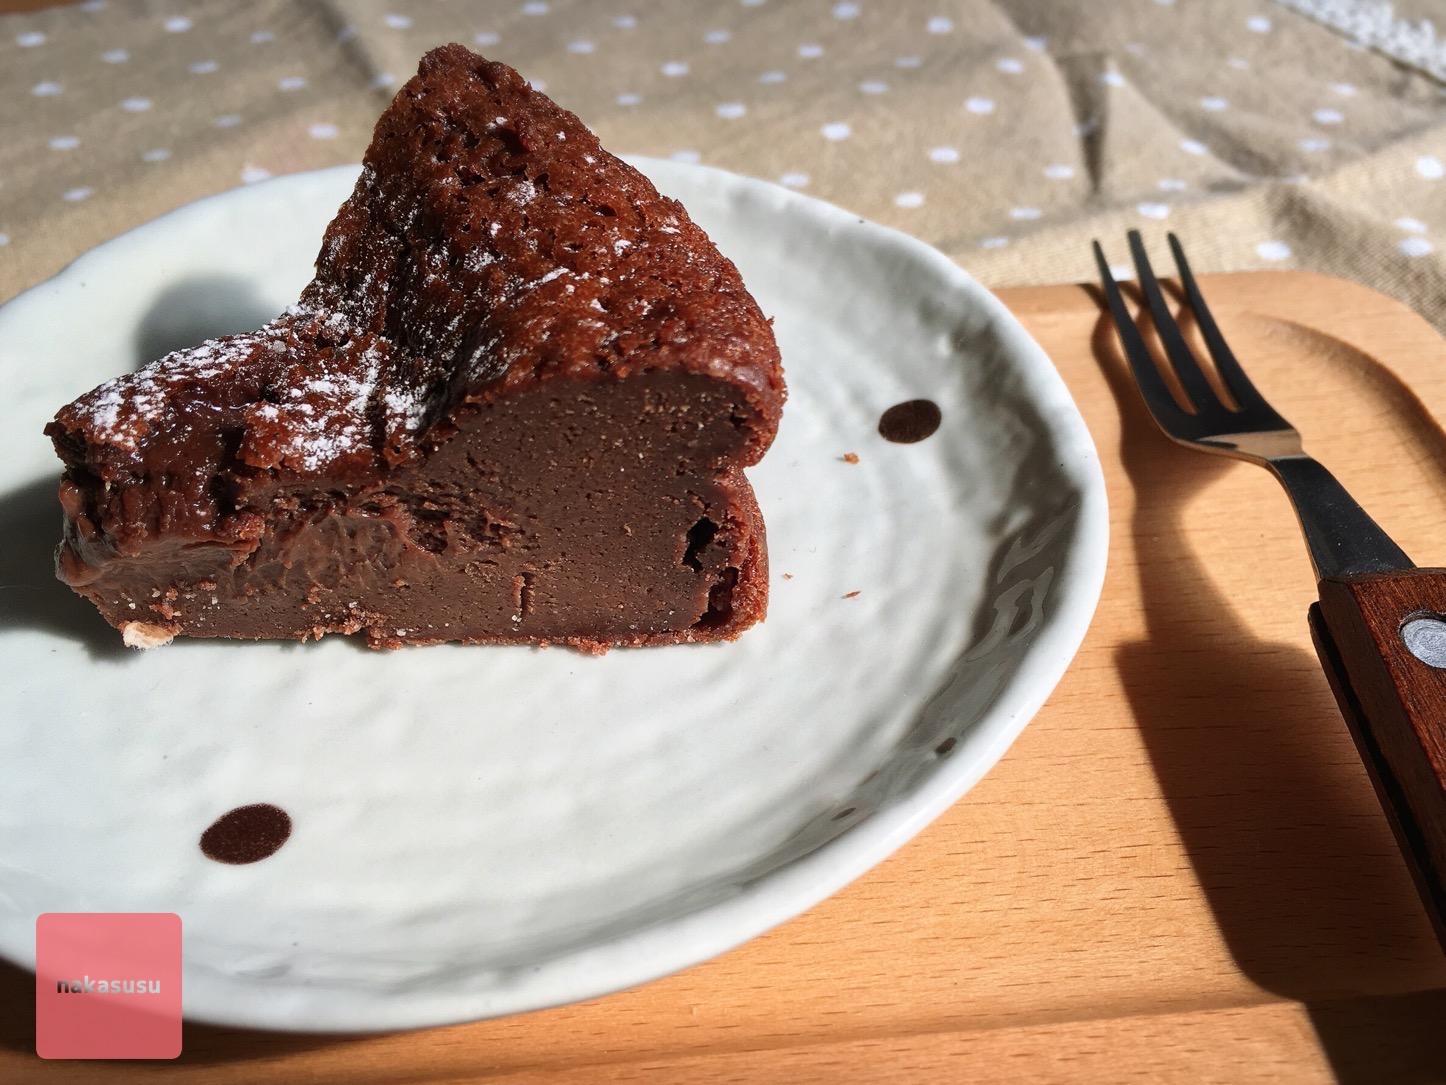 【緊急企画】「さやcafe」プロデュースのバレンタインレシピ!本命チョコ編